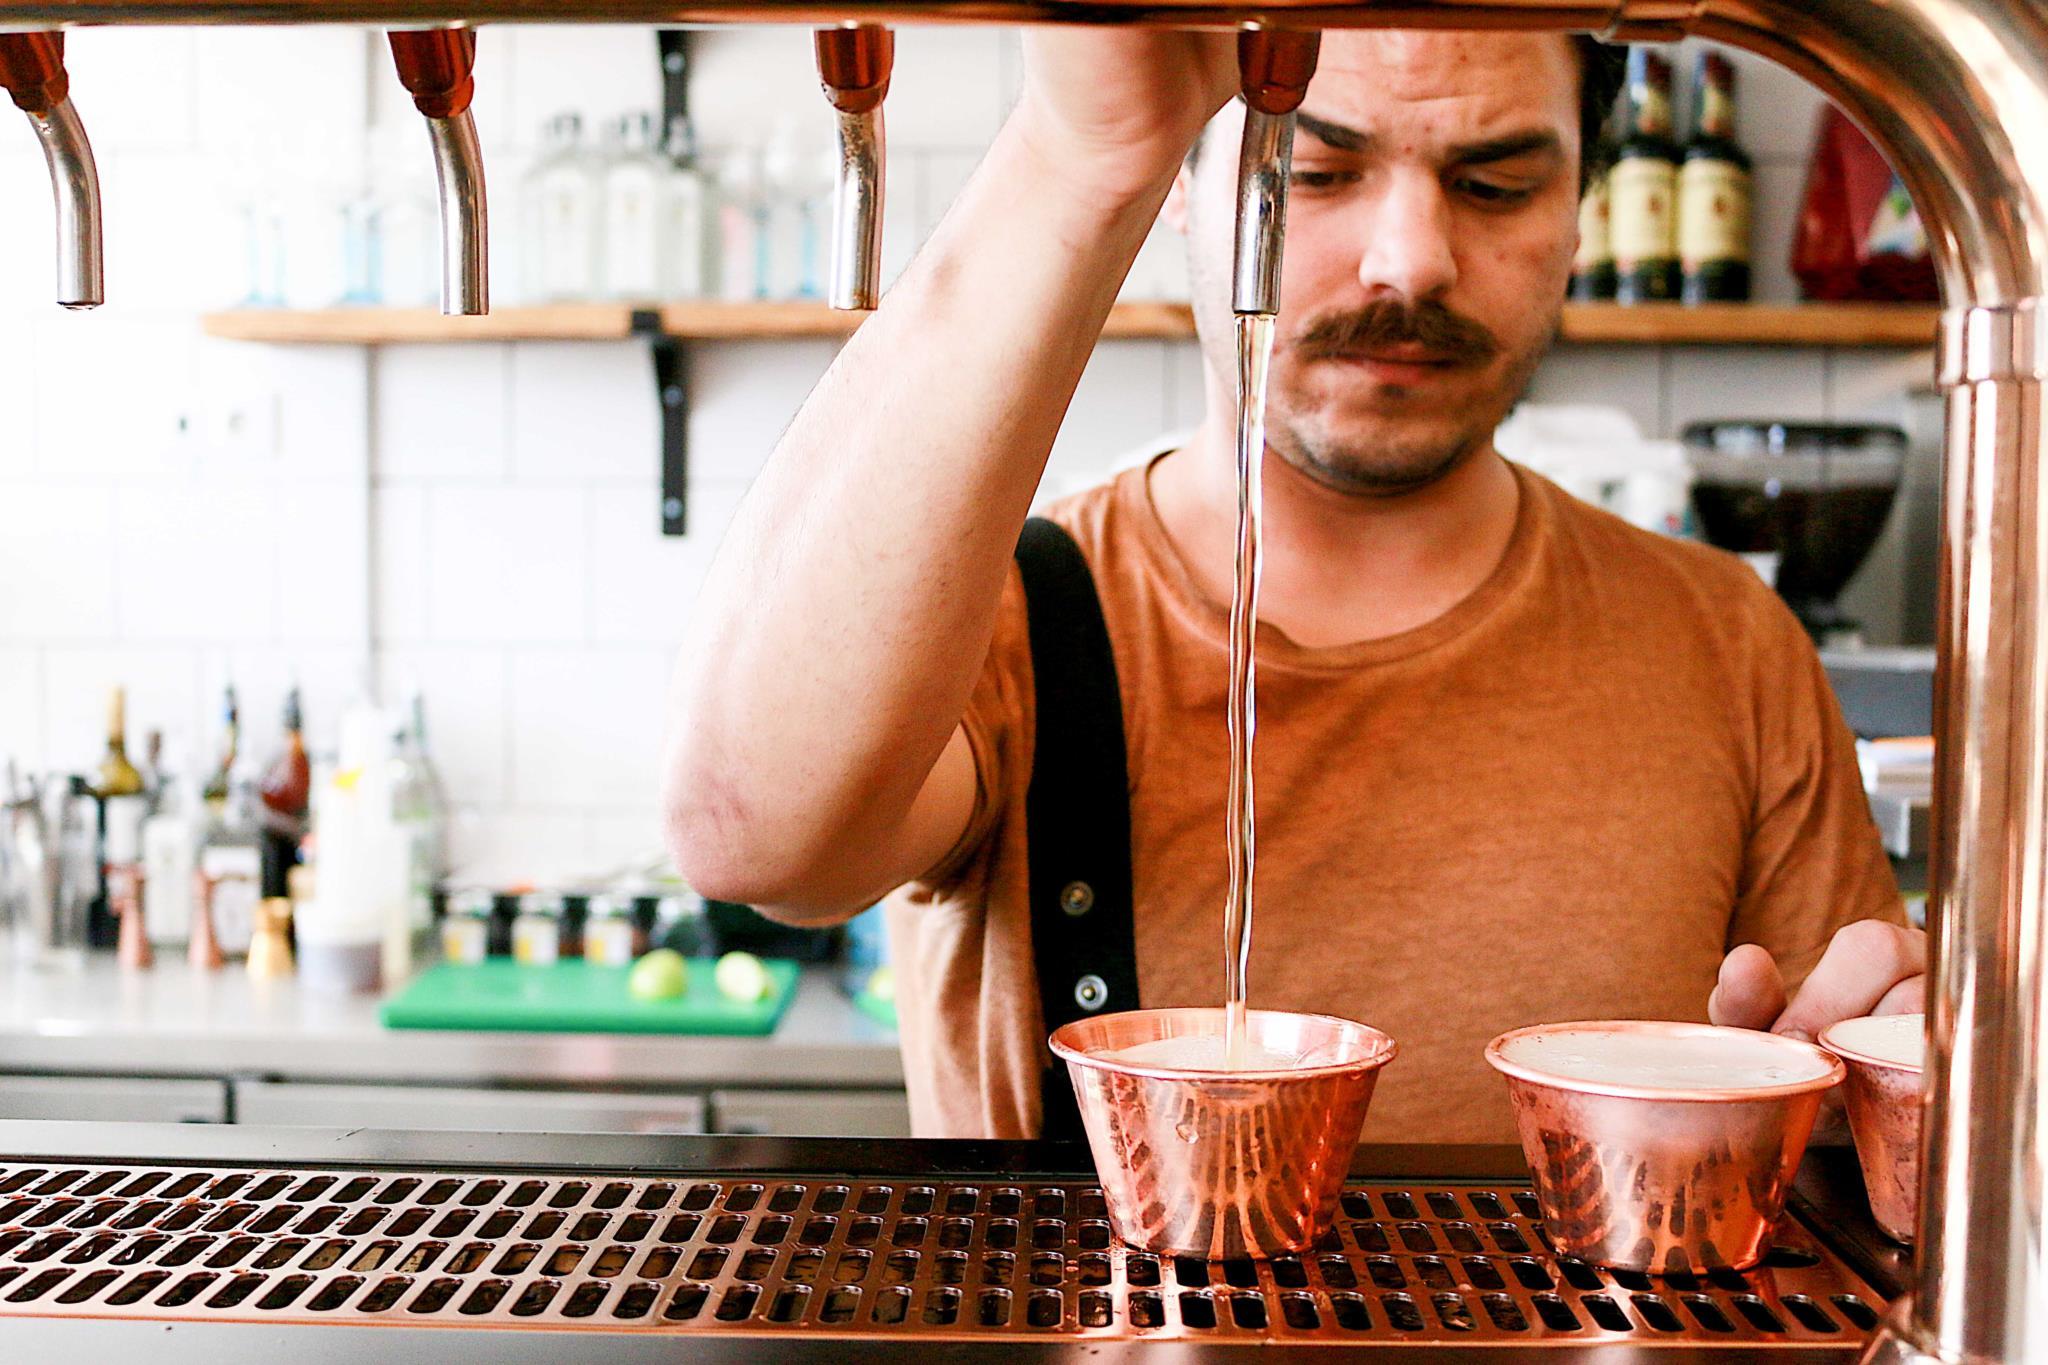 Pau (1 euro), uma cerveja do tamanho de lambreta servida numa espécie de pequeno vaso